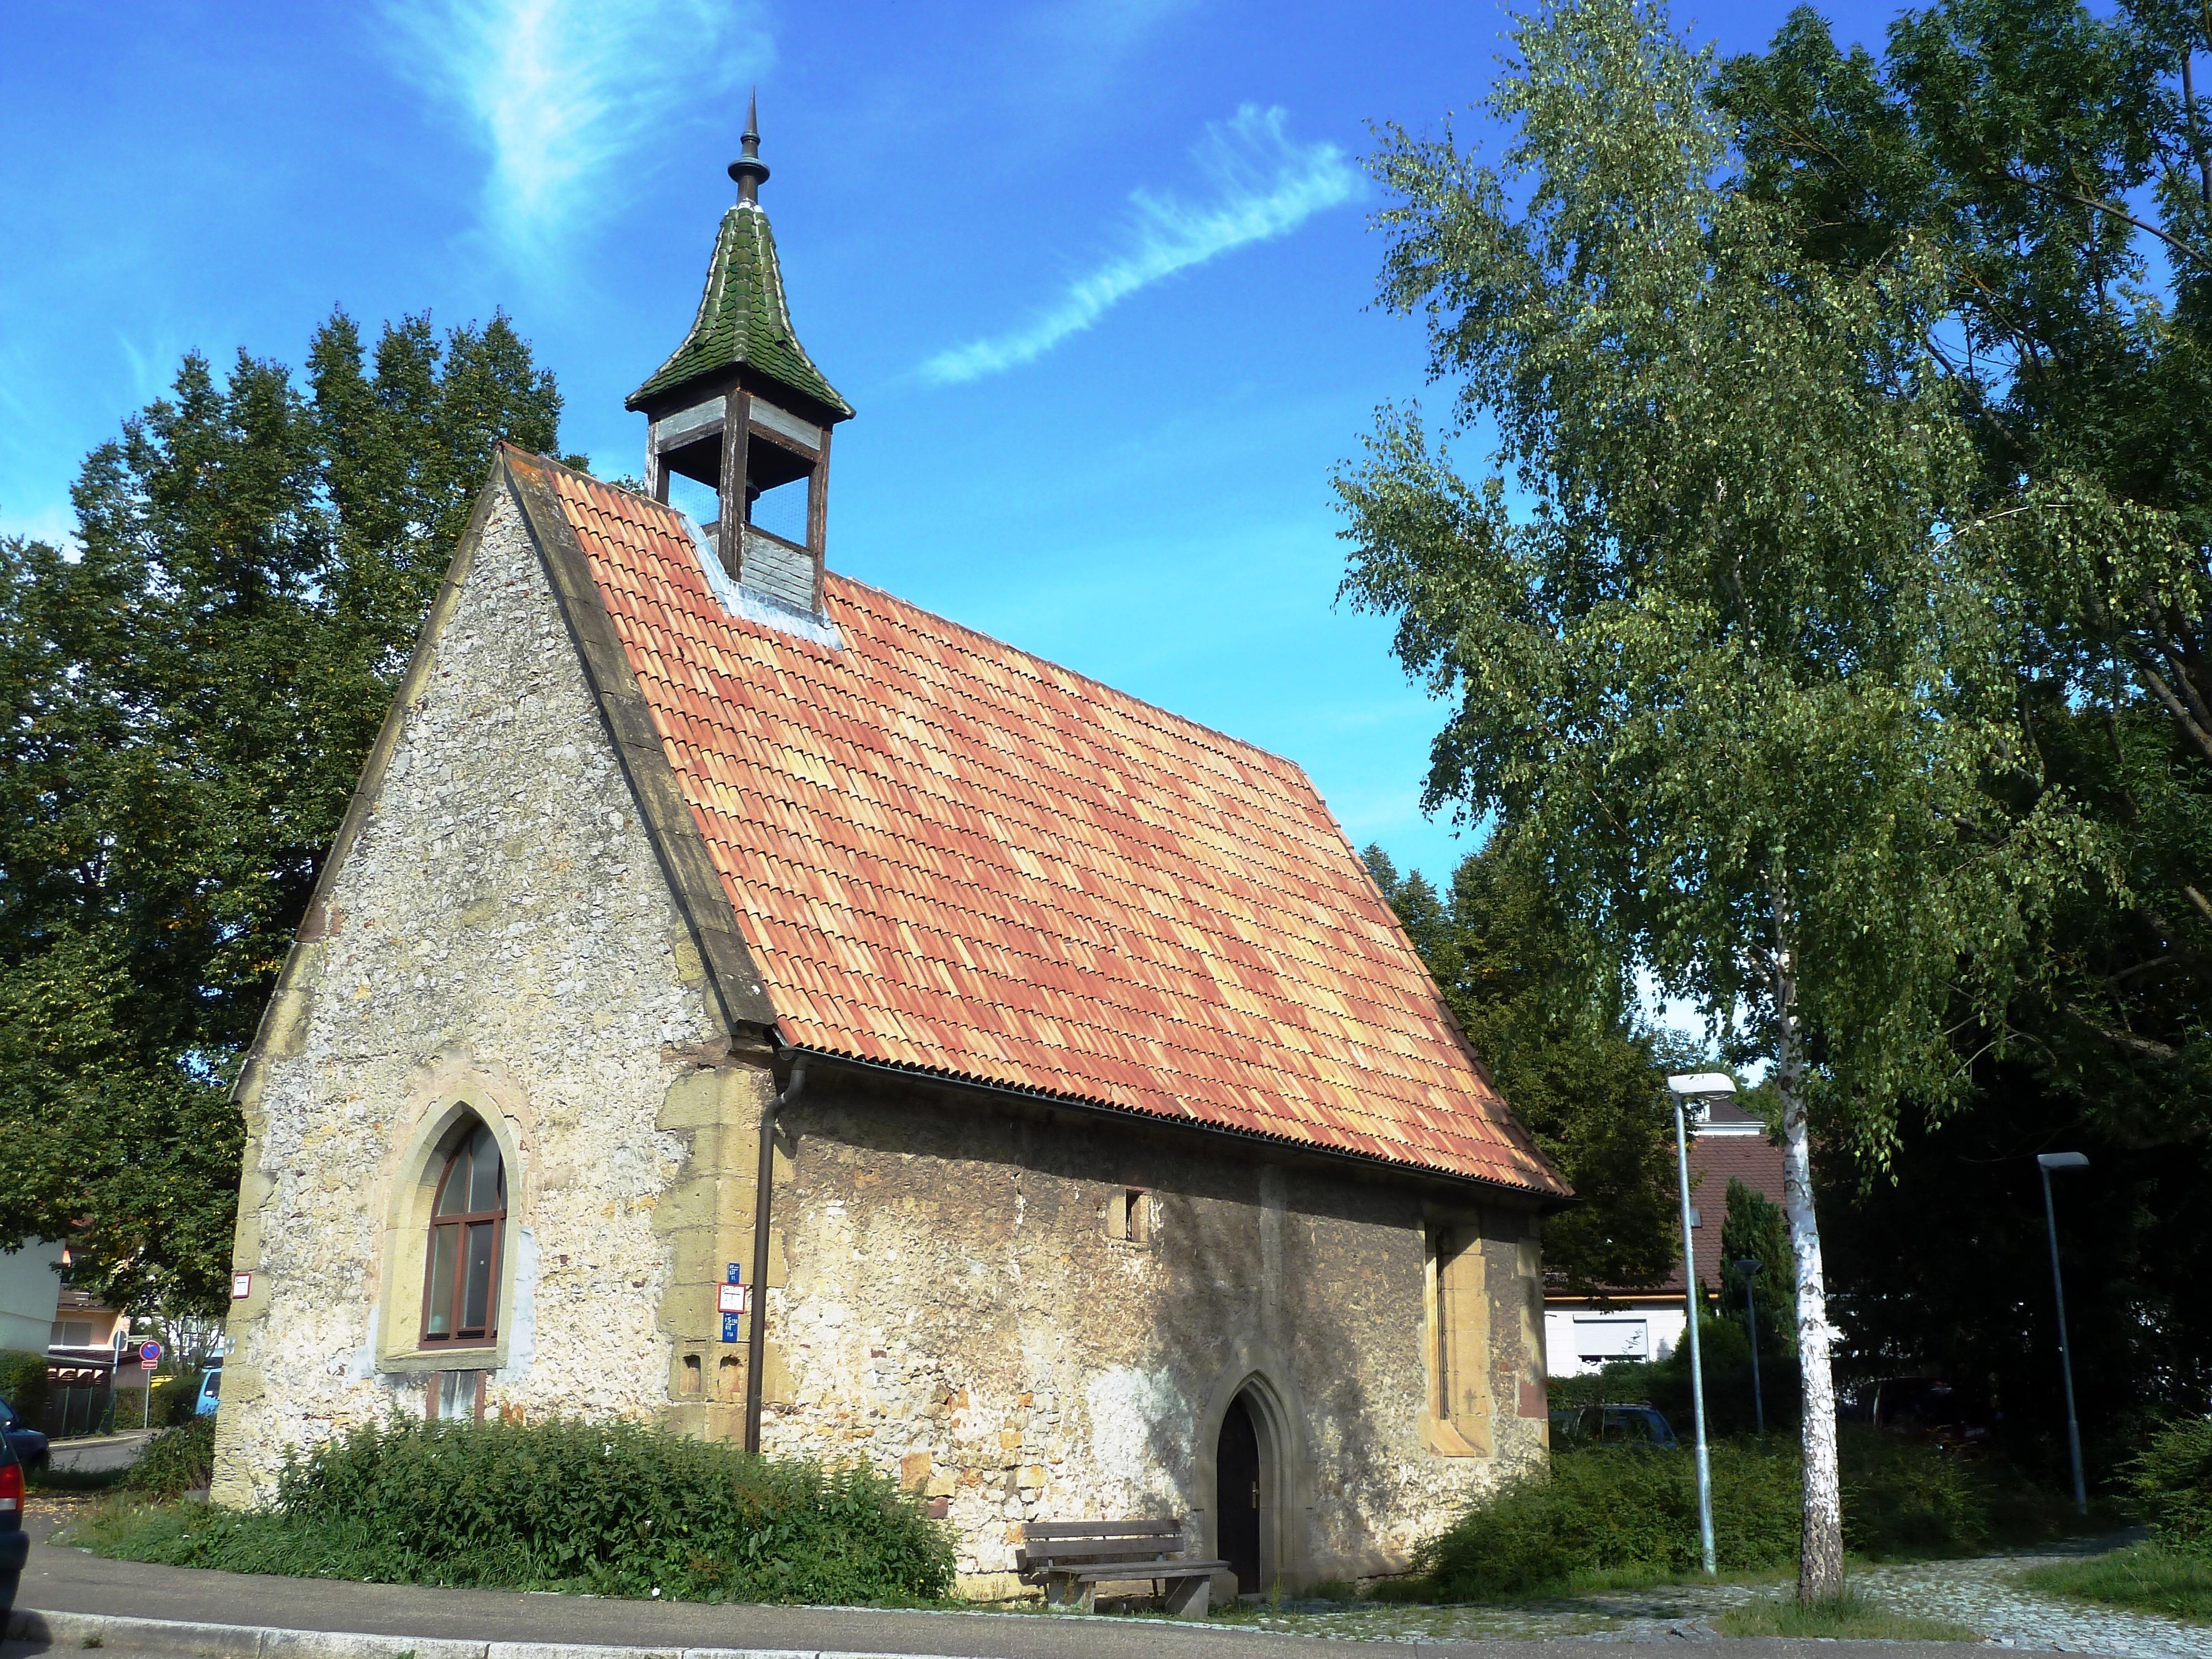 Siechenhauskapelle